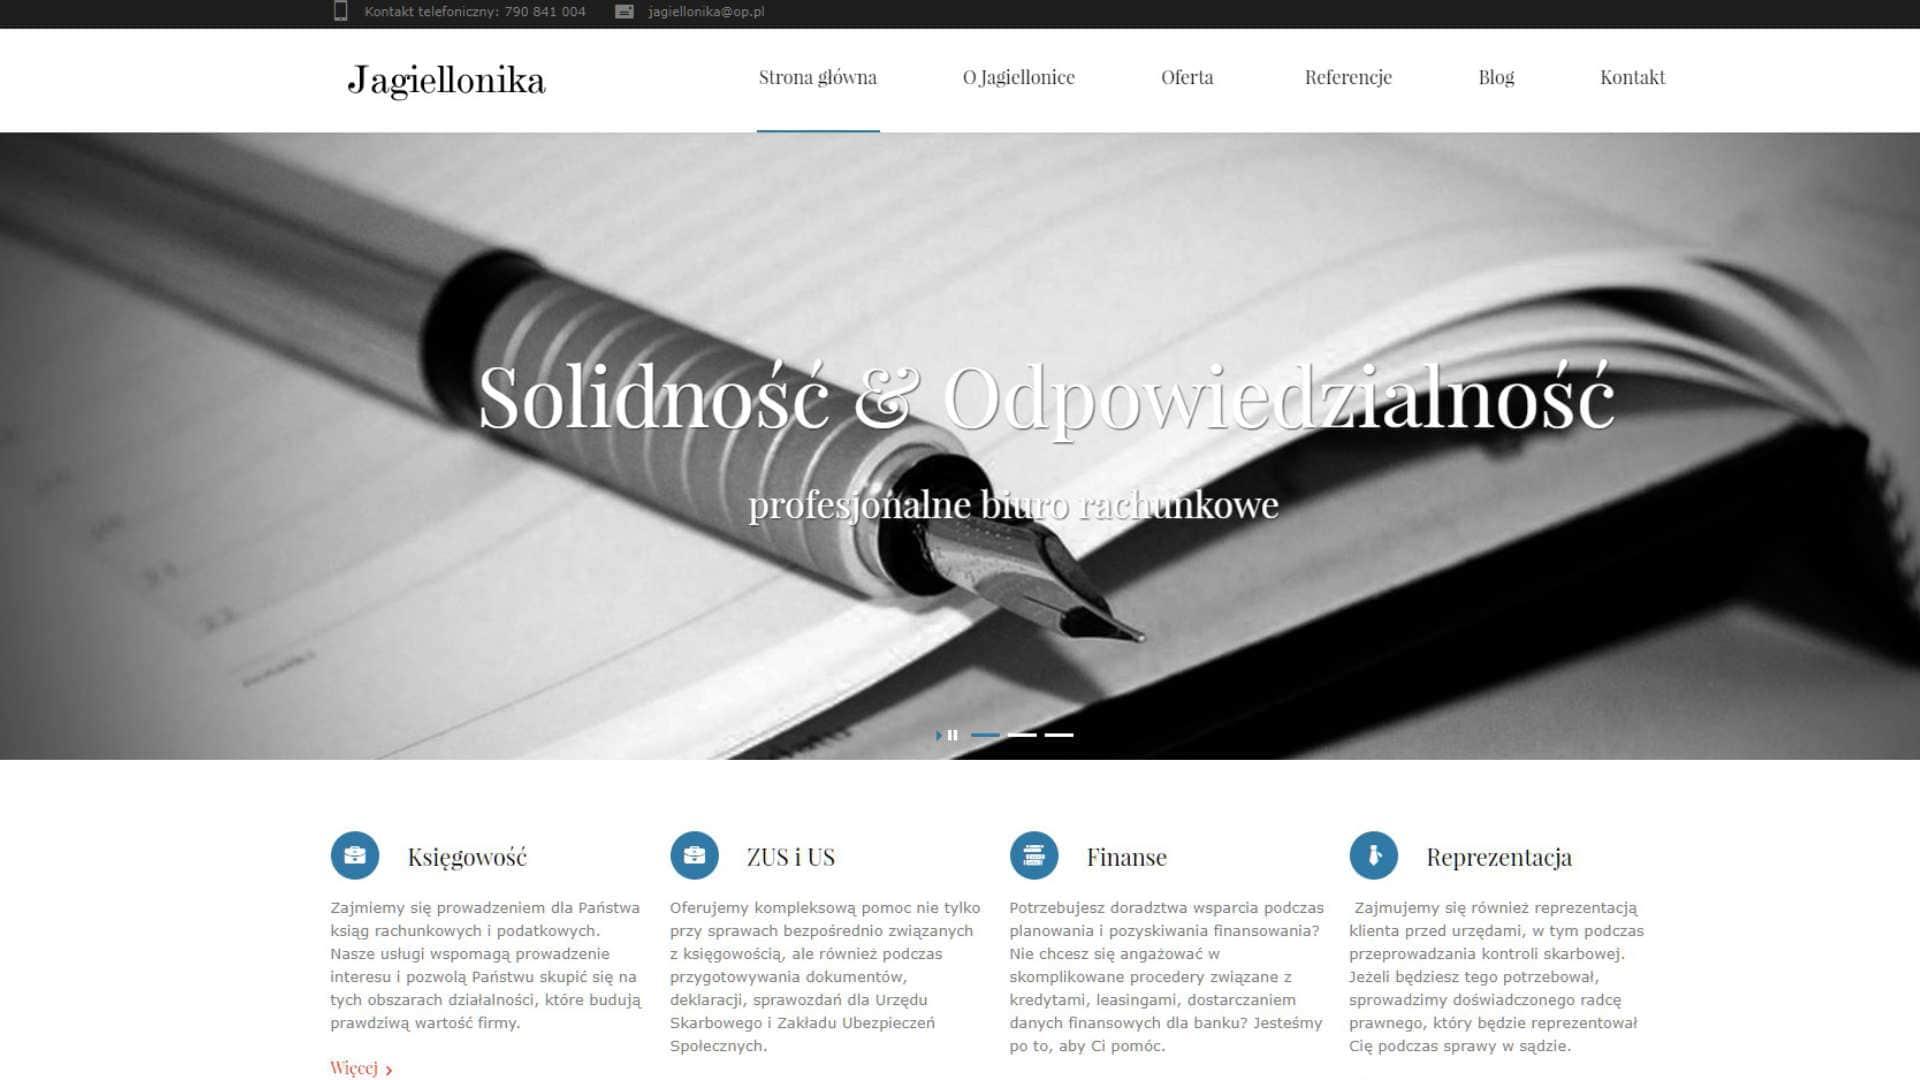 Strona WWW dla biura księgowego Jagiellonika z Bydgoszczy